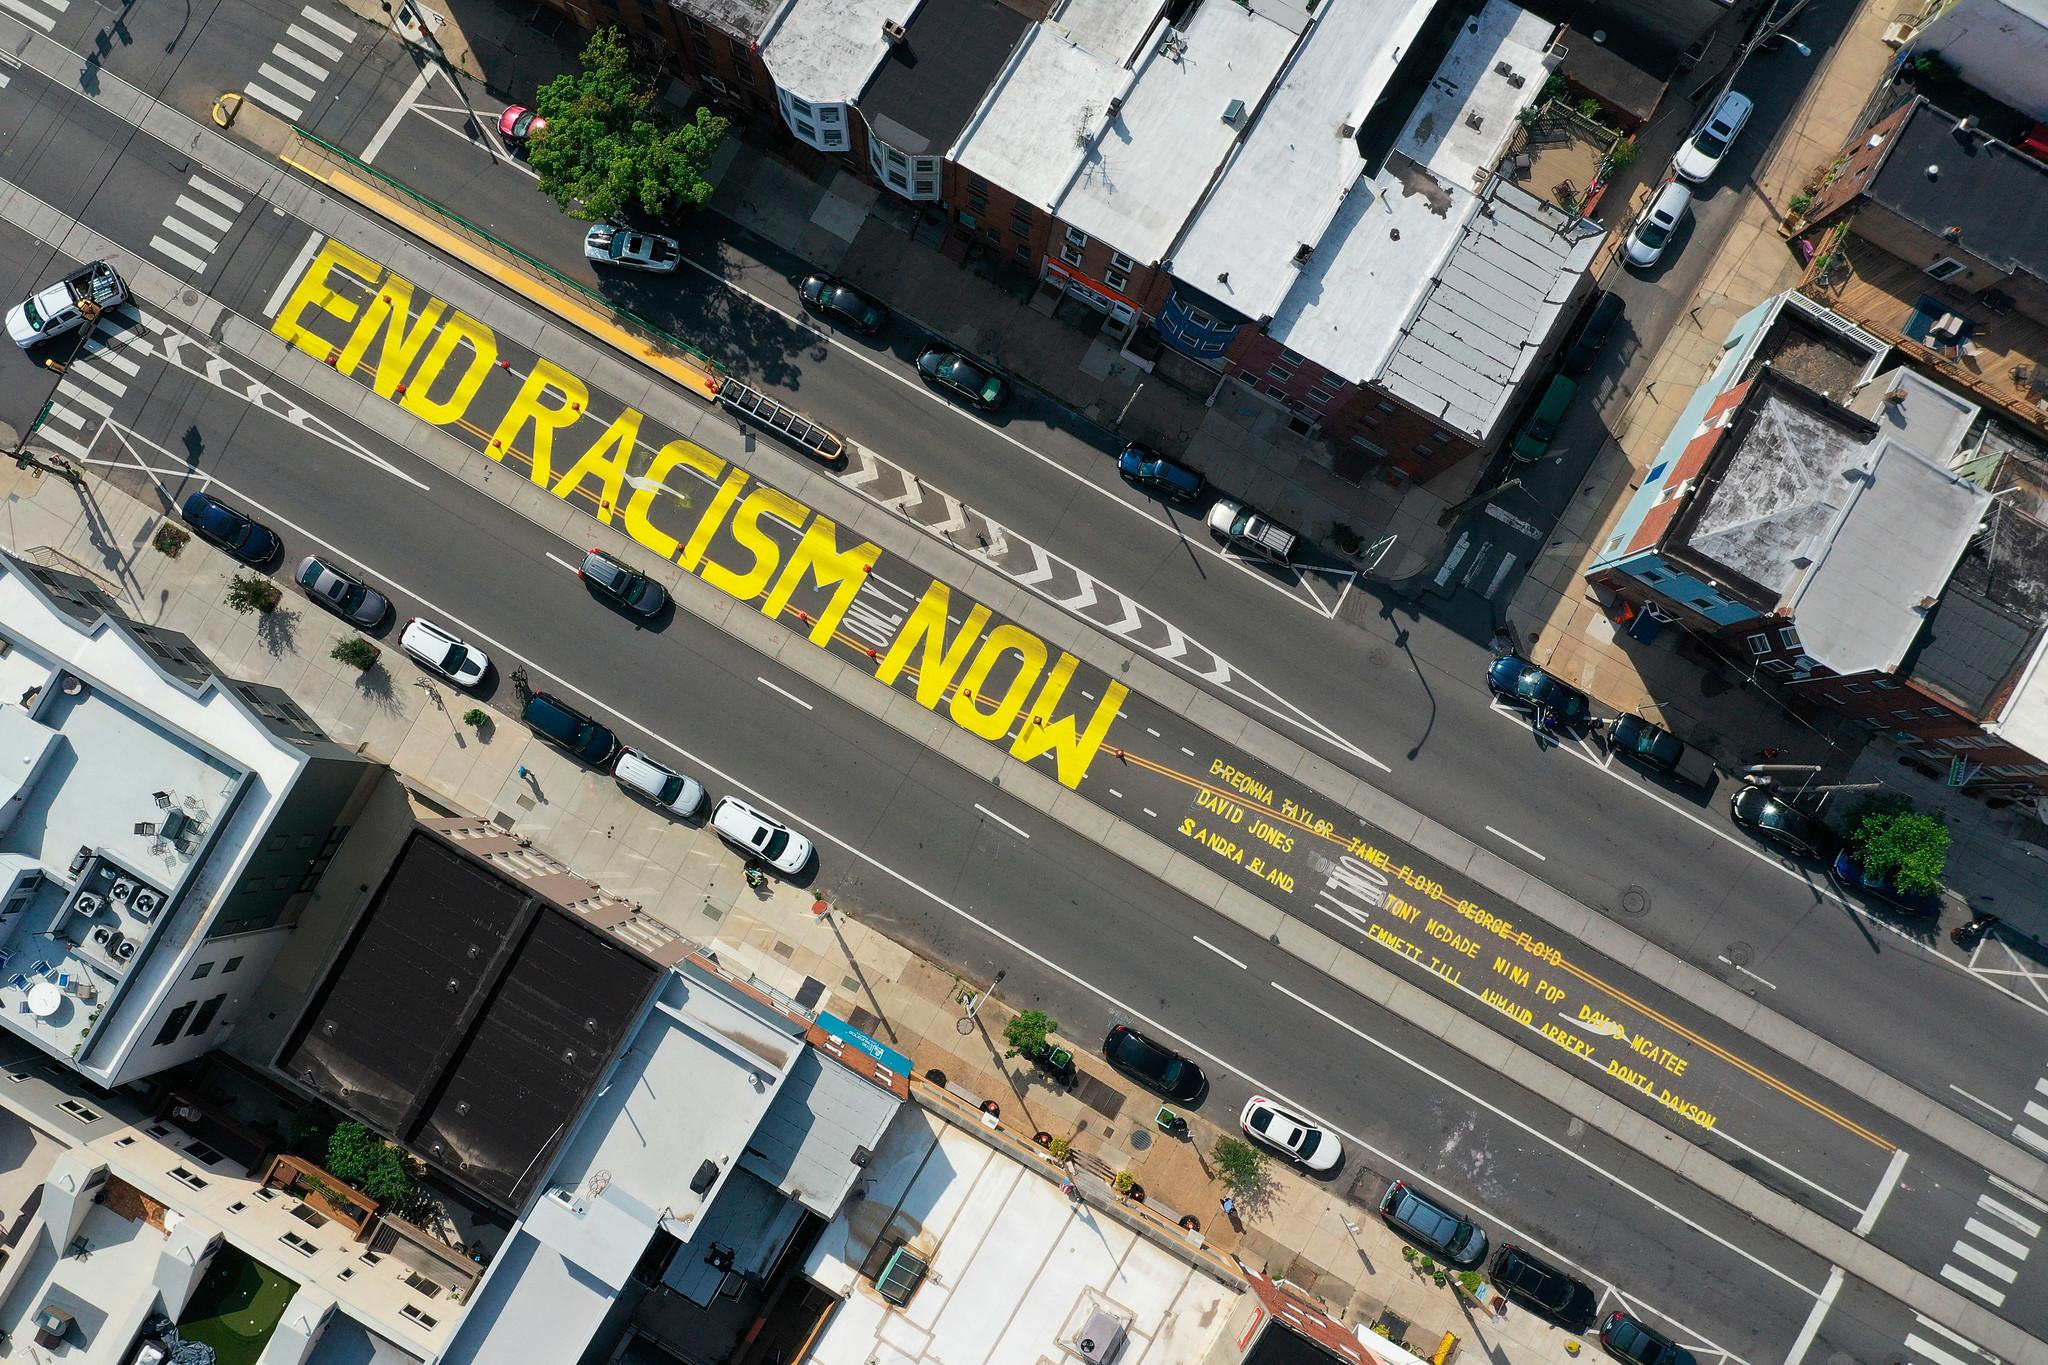 Philadelphia: End Racism Now